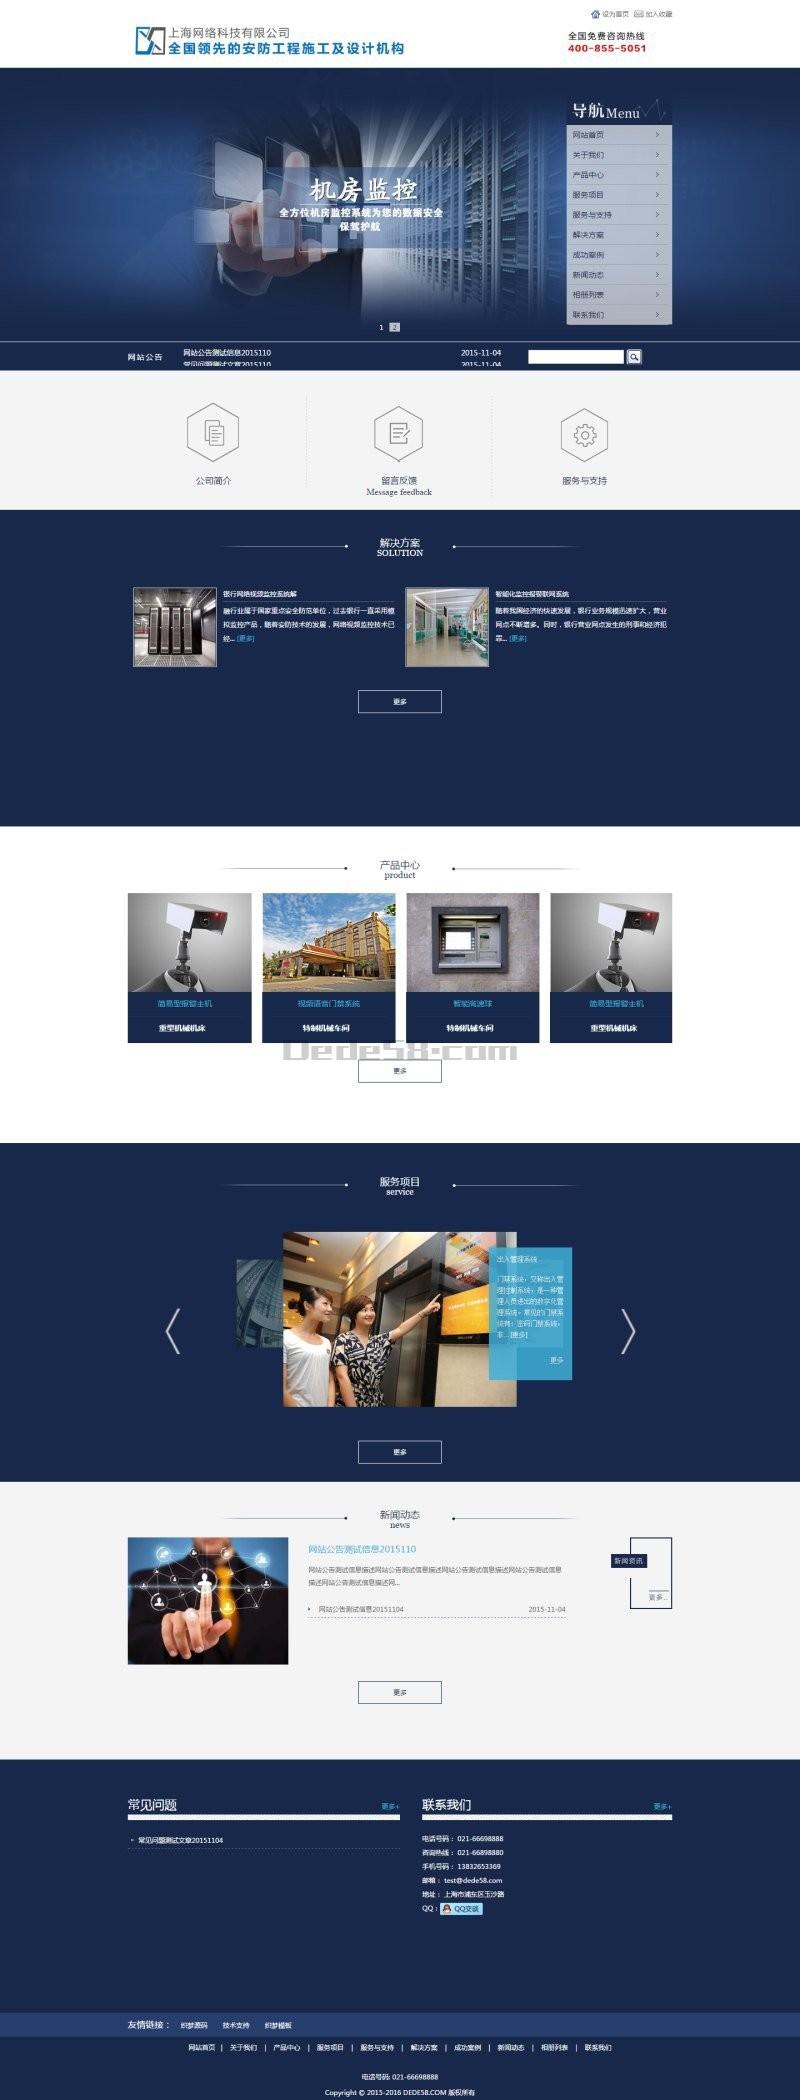 电子监控机械电子类企业网站织梦模板